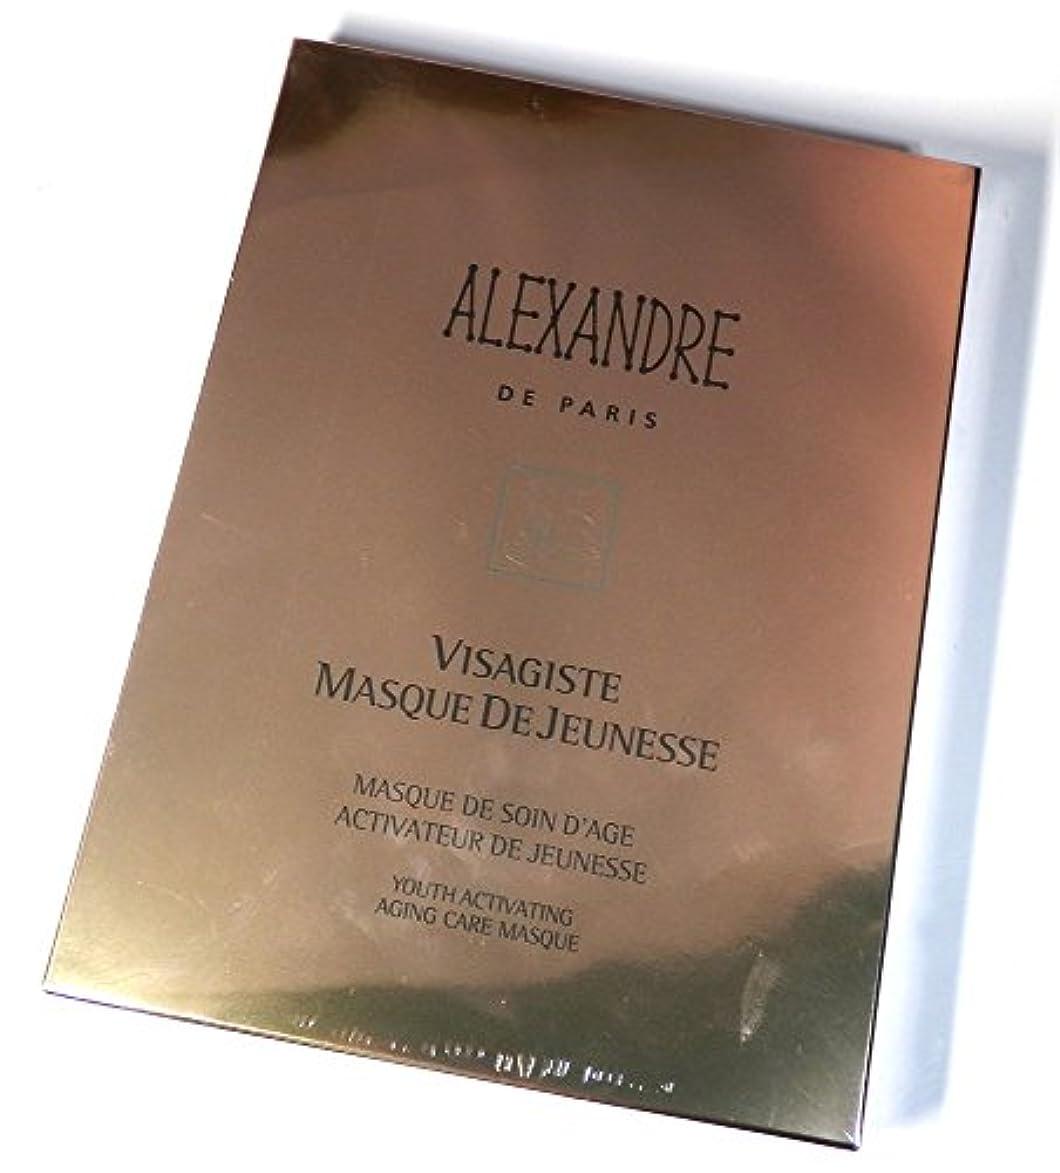 雨の花火気絶させるアレクサンドルドゥパリ ヴィザジスト マスクドゥジュネス(シート状トリートメントマスク)16mL×6枚 新品